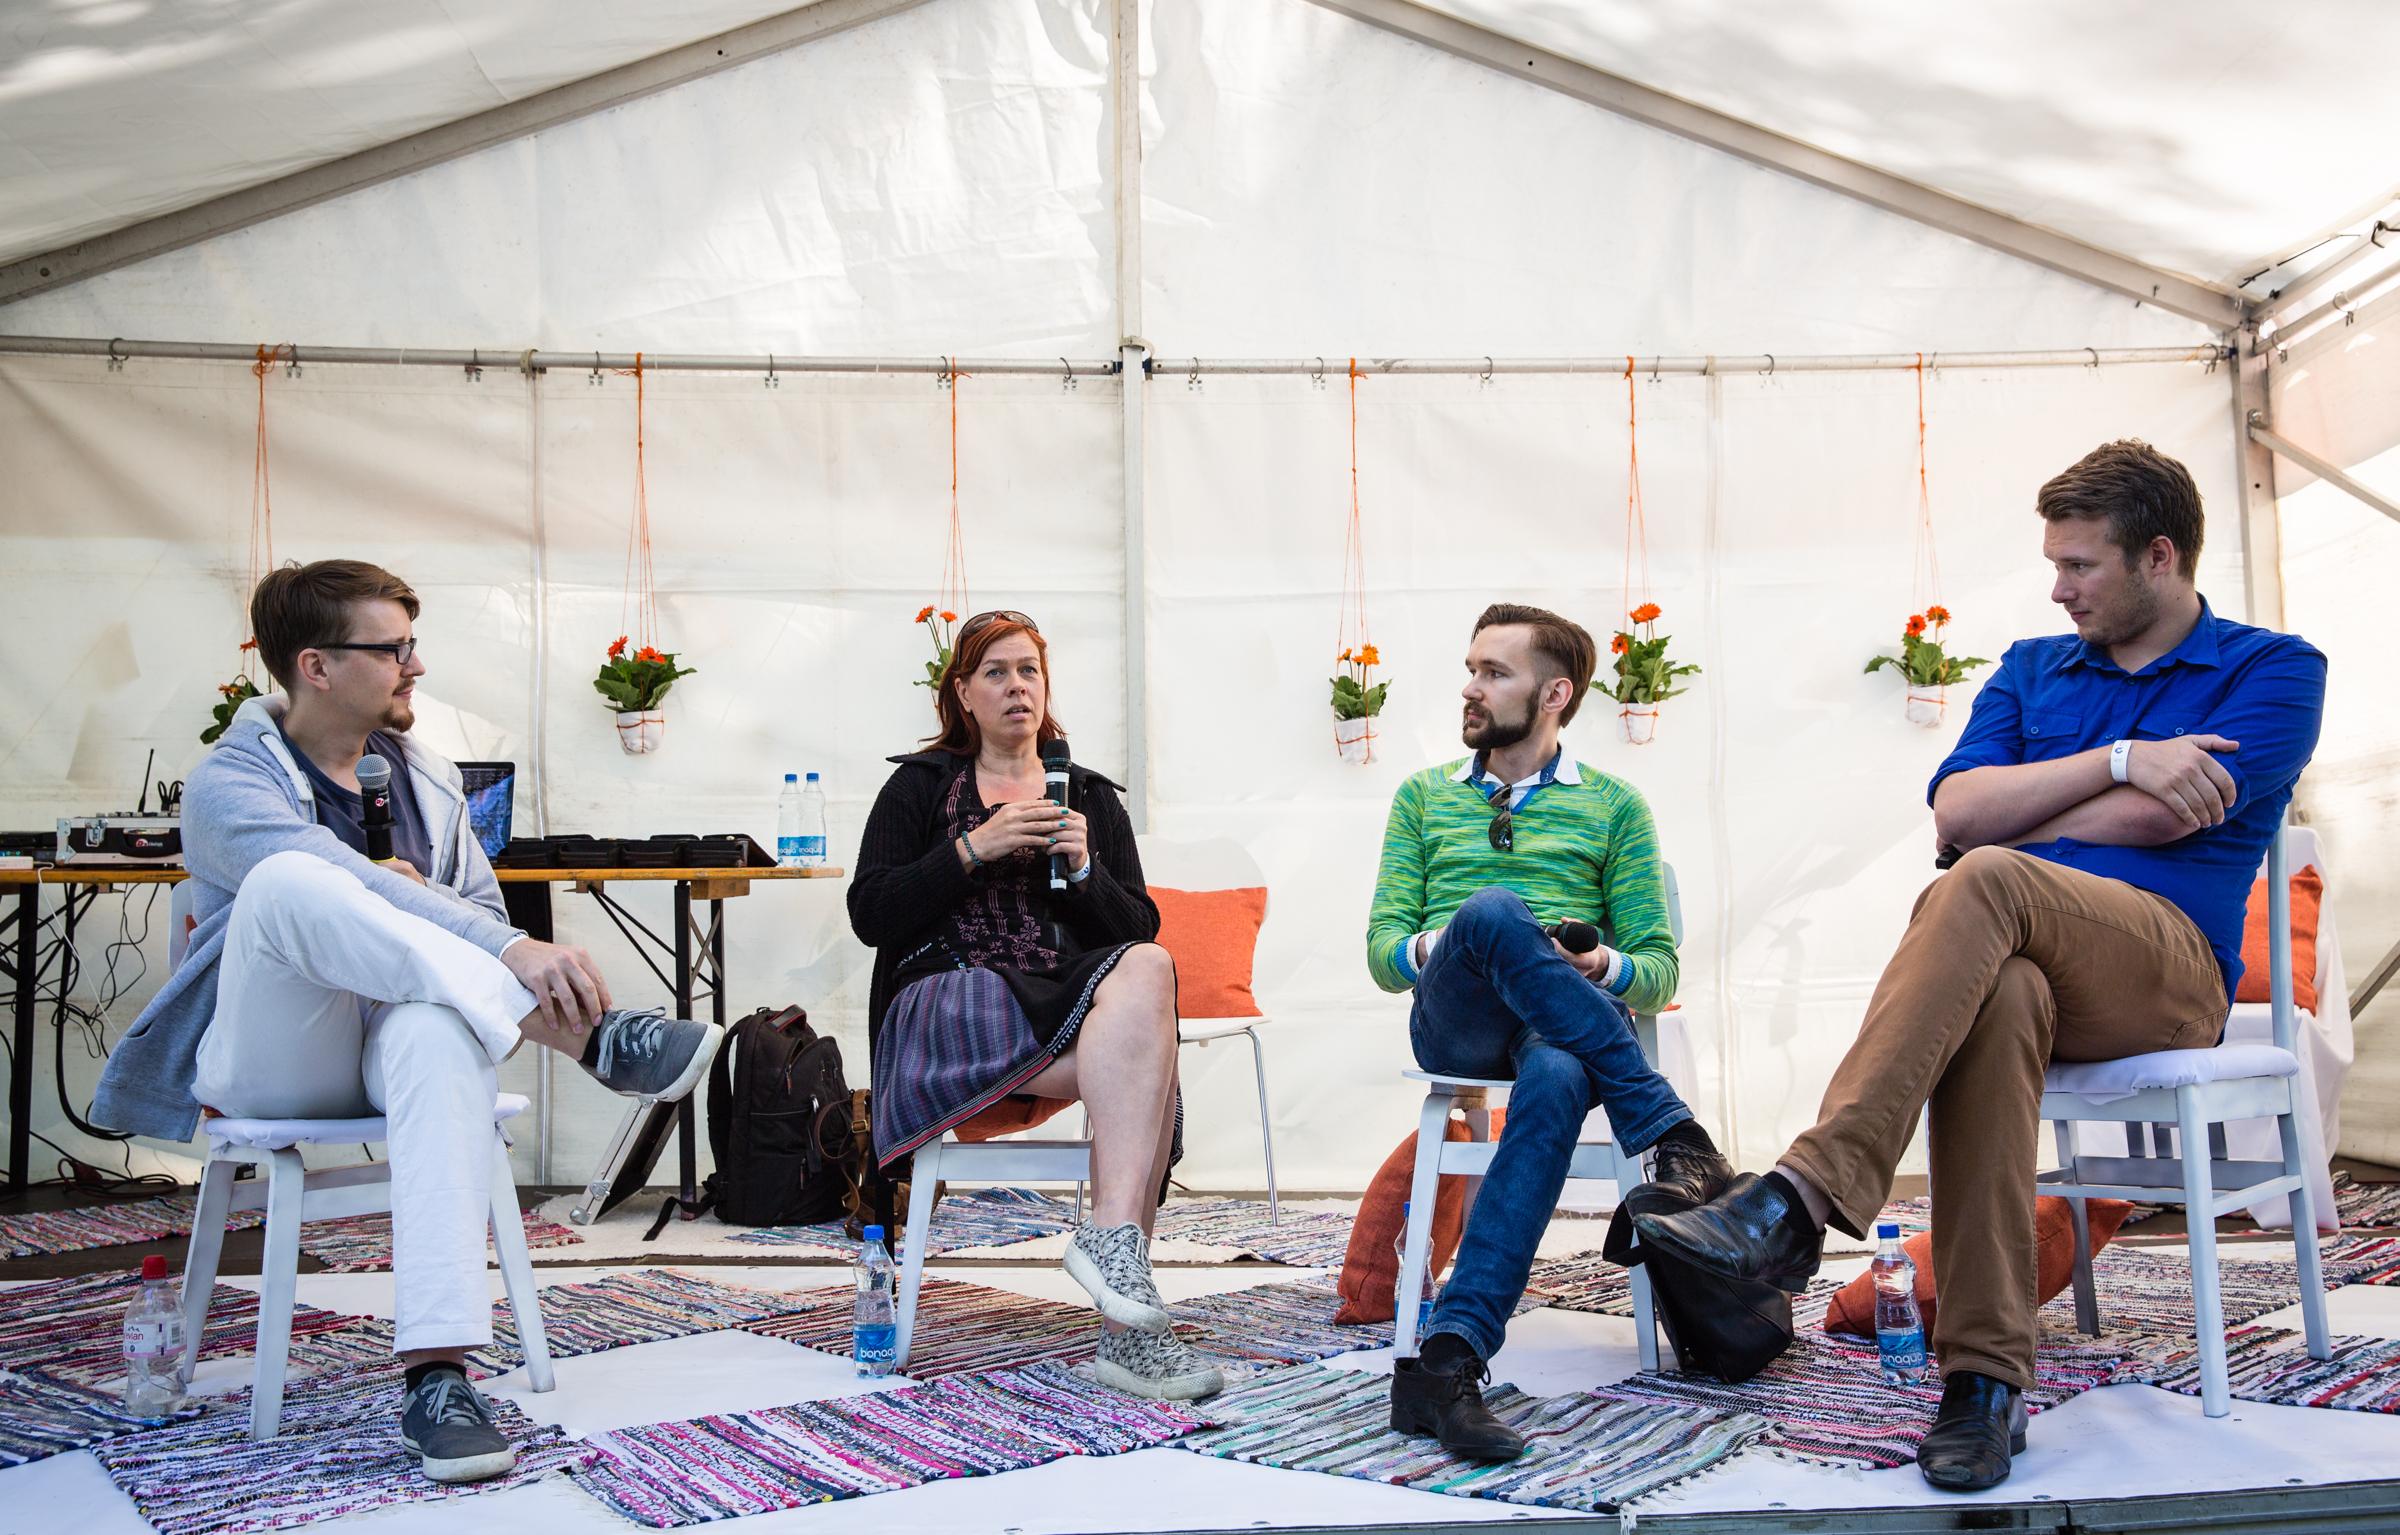 Как поддерживать традицию Доброго обычая на фестивале, работая модератором?